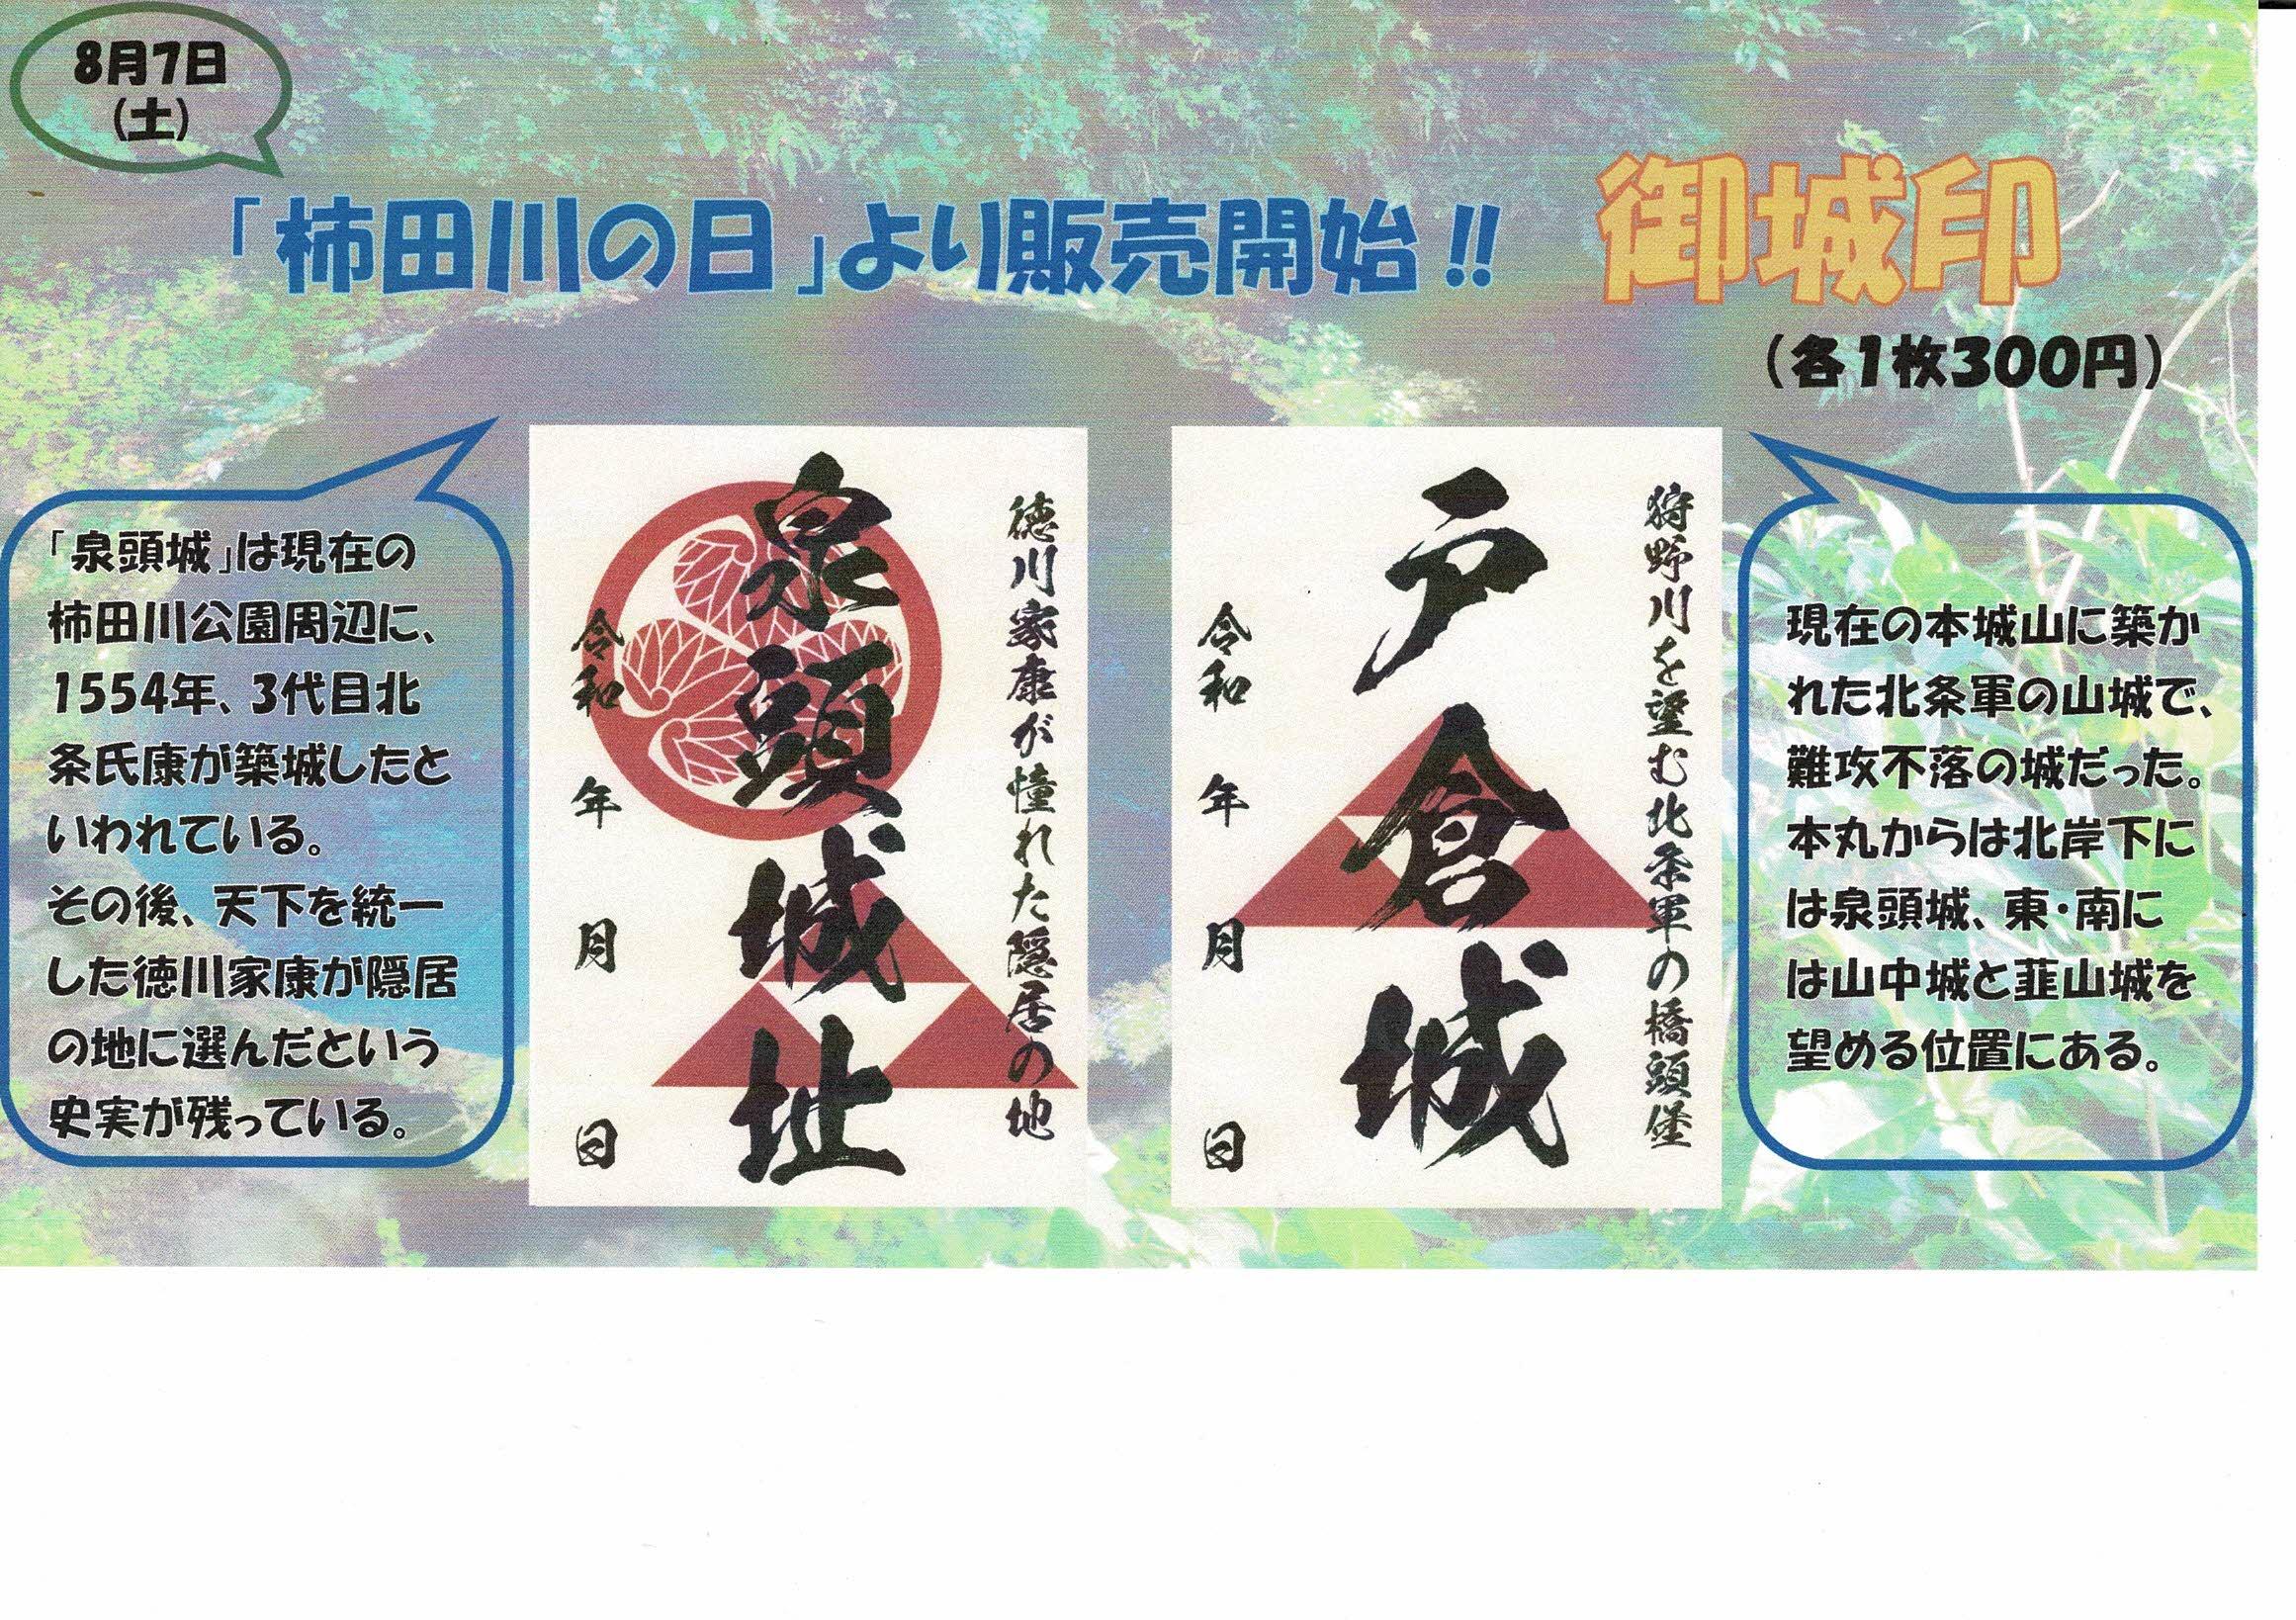 柿田川の日より、御城印が販売開始いたします!!